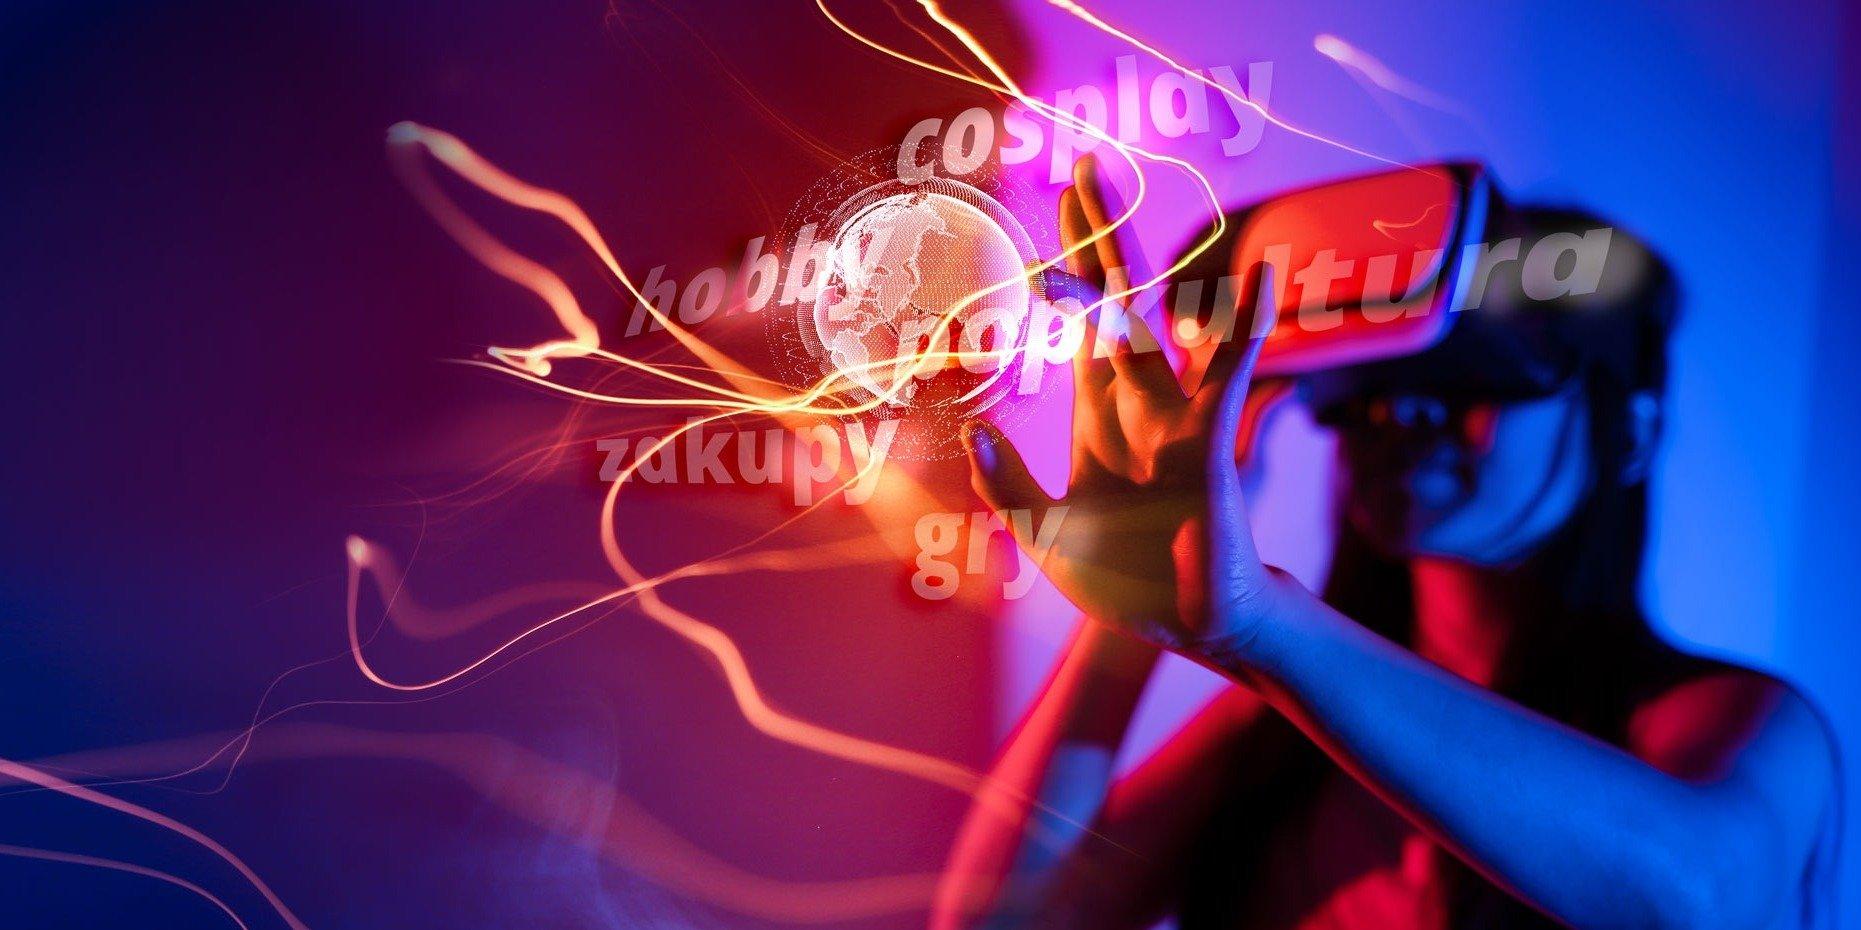 PyrkONline, czyli święto fanów fantastyki rozpoczyna się już 15 października!